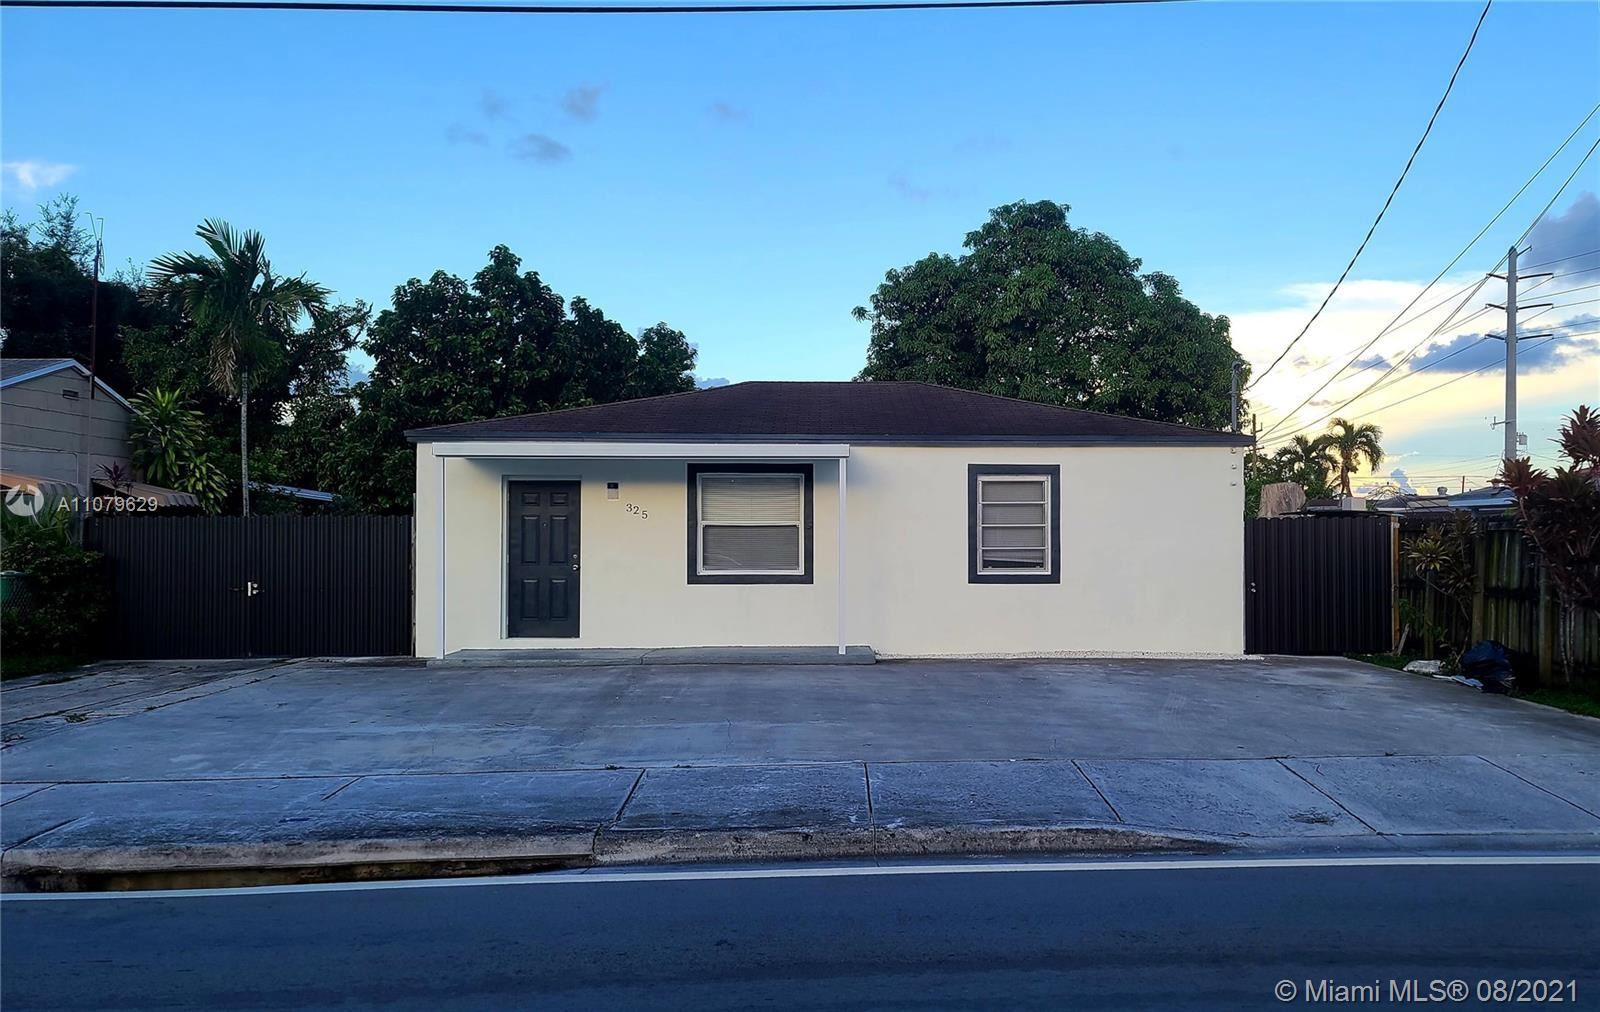 325 SW 67th Ave, Miami, FL 33144 - #: A11079629